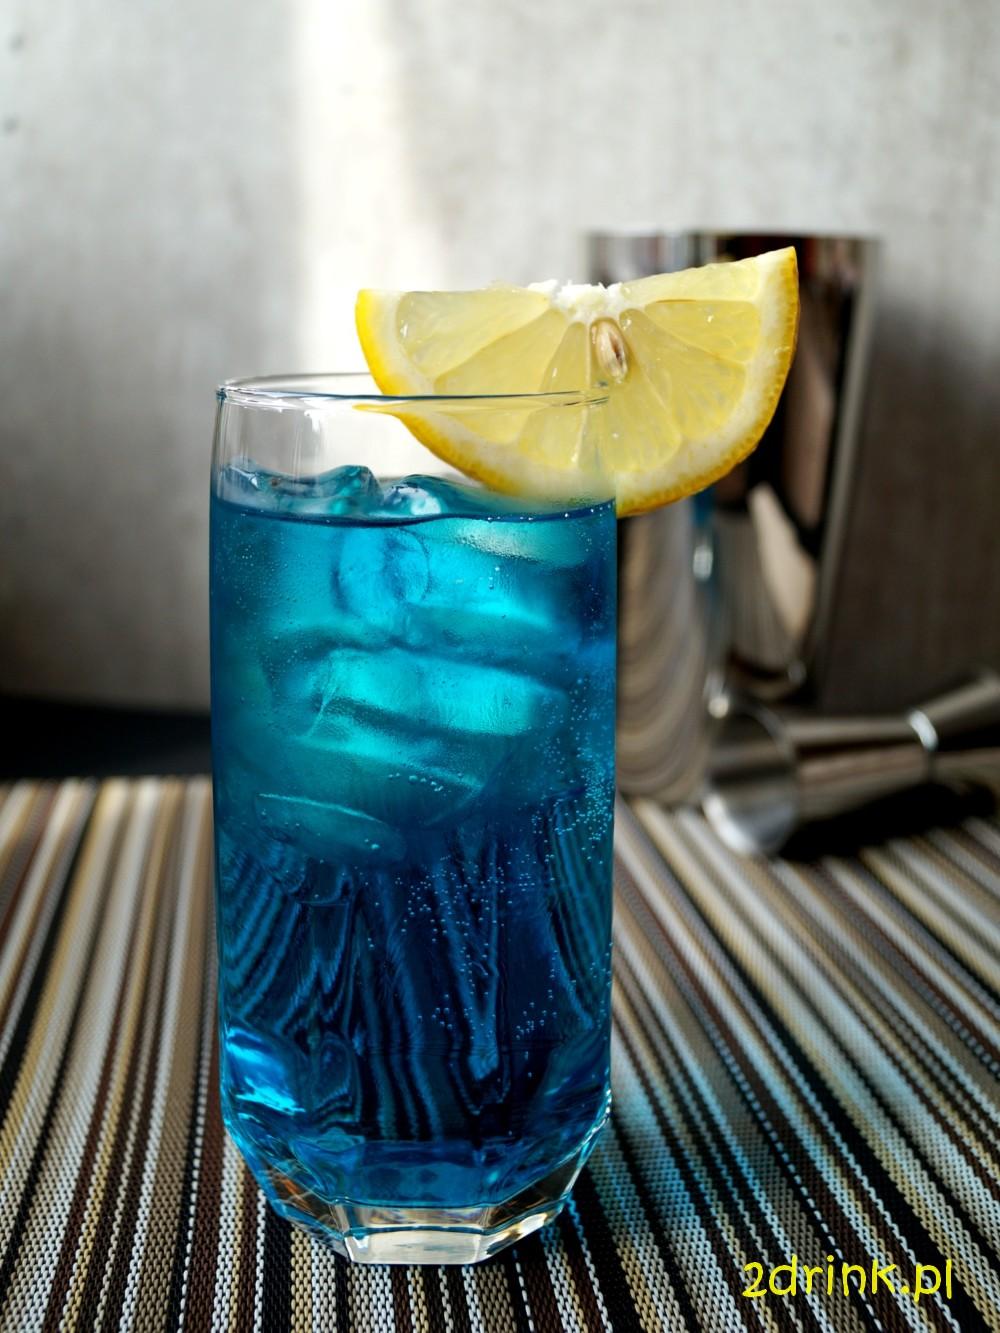 Blue Cider